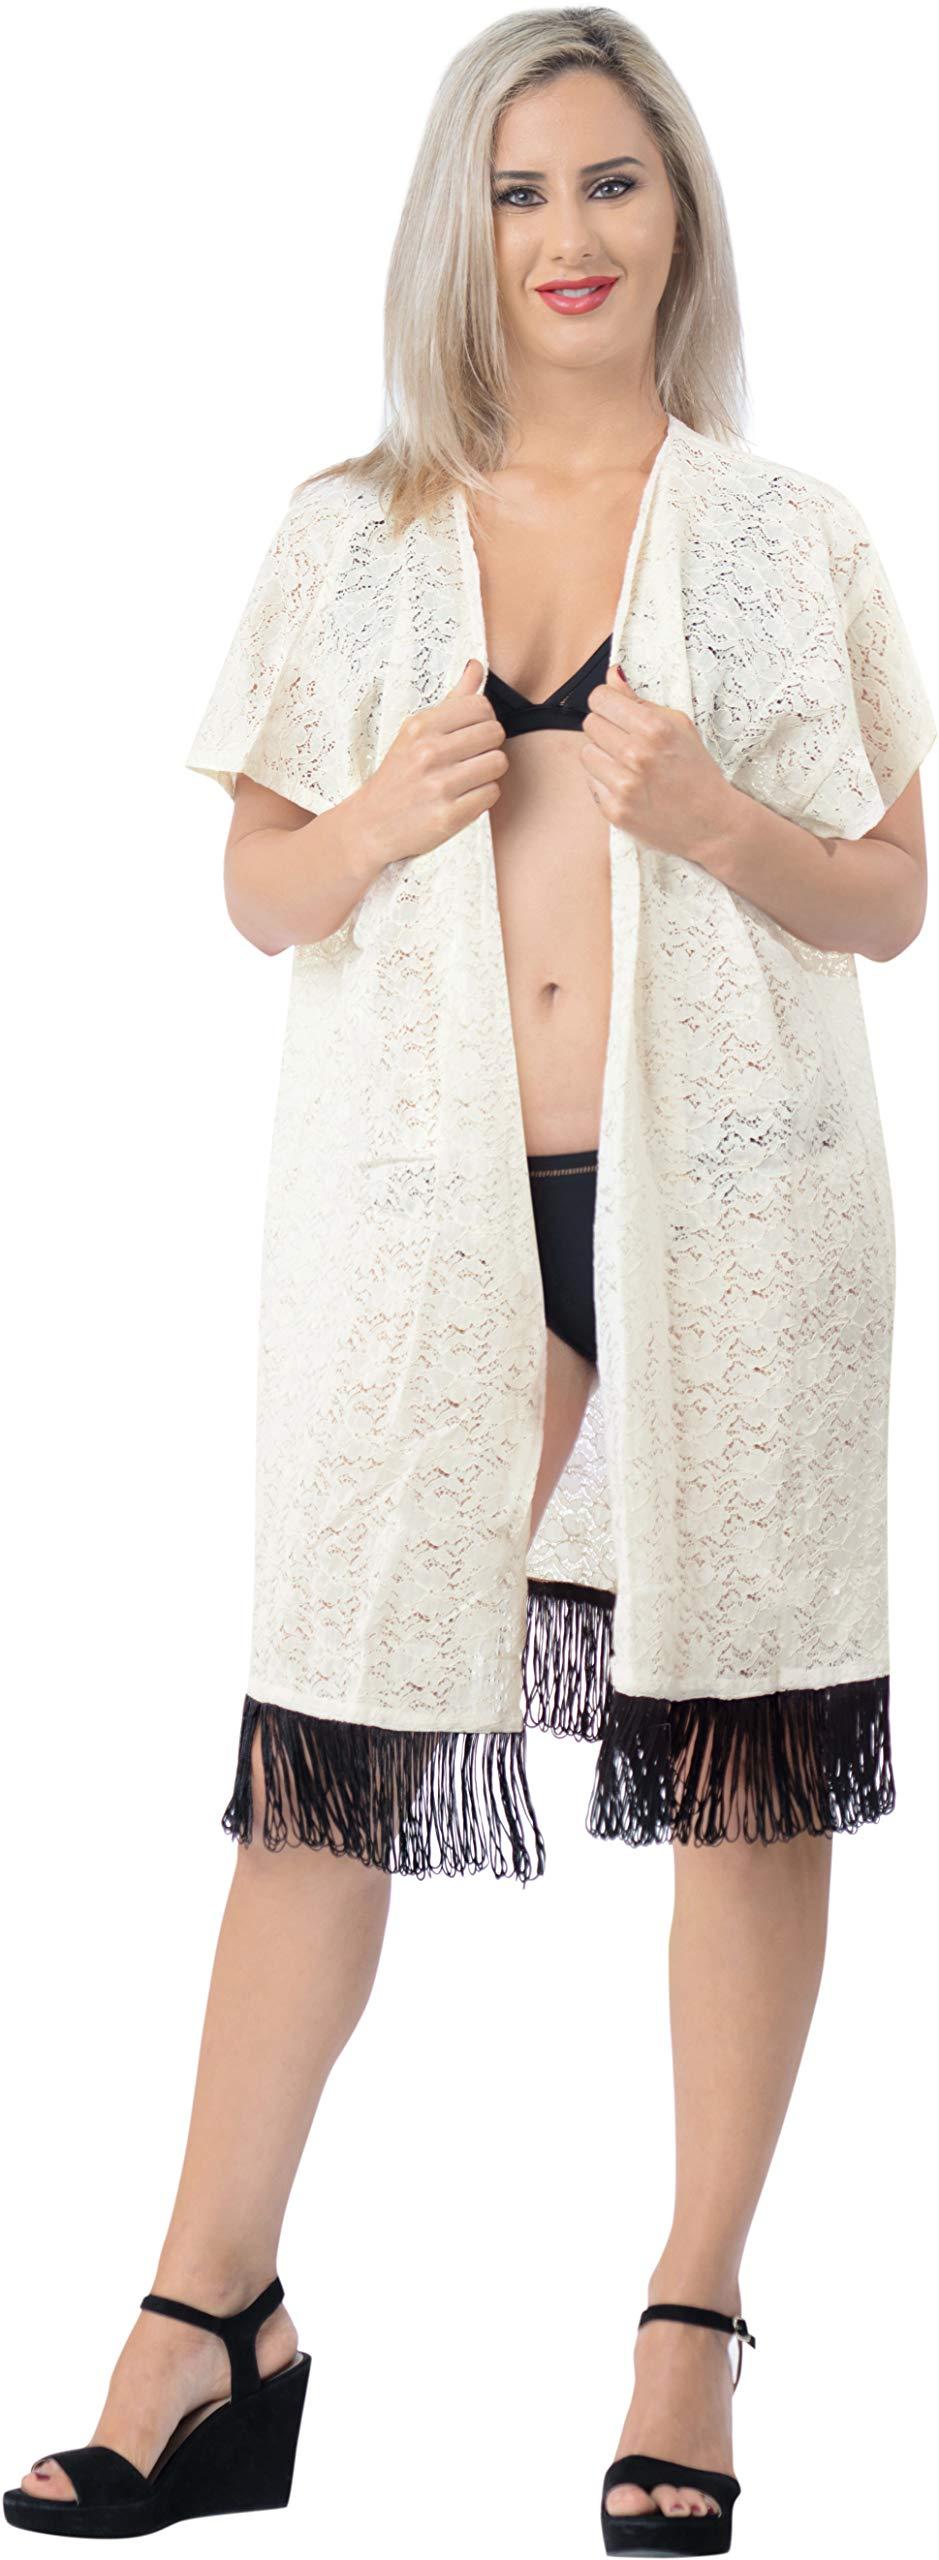 LA LEELA Copricostume Mare Cardigan Donna Taglie Forti- Vintage Chiffon Estivo Scialle Elegante Solido Kimono Vestito… 3 spesavip